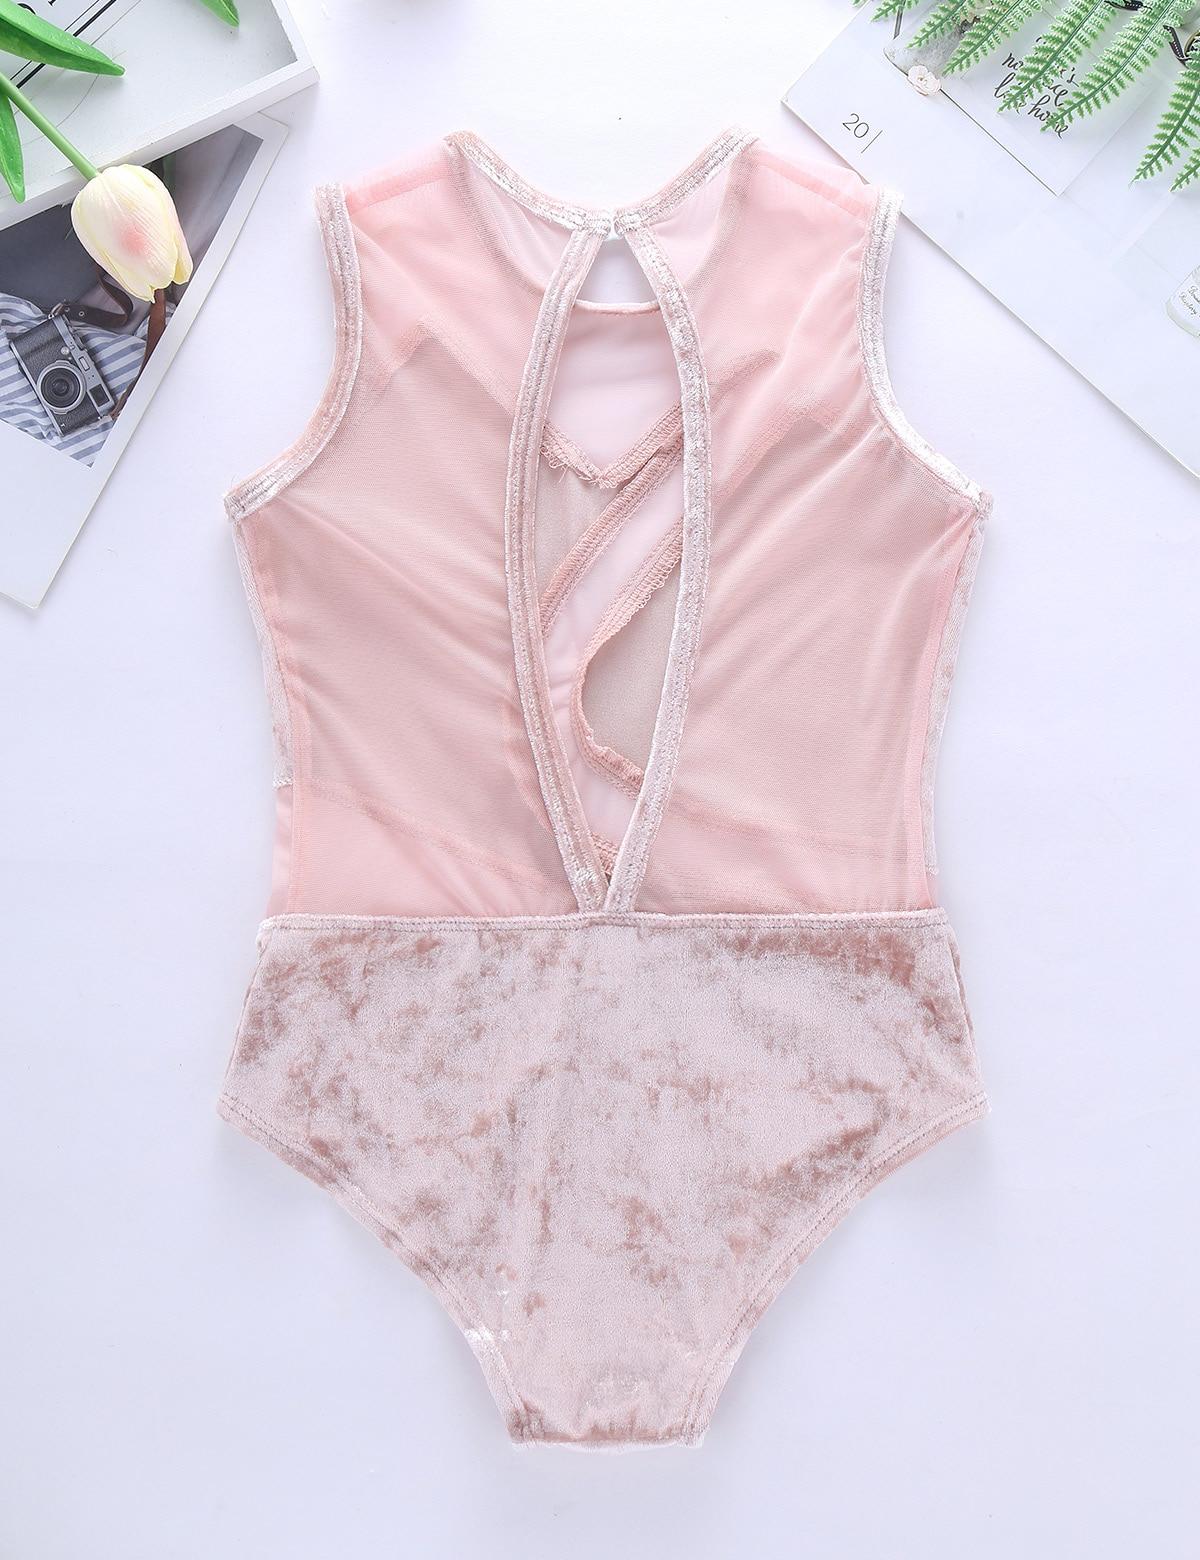 Iefiel для детей для девочек; комплект одежды из плюша и вырезом на спине одежда для бальных танцев гимнастическое трико современный танцевальный костюм боди для танцевального конкурса